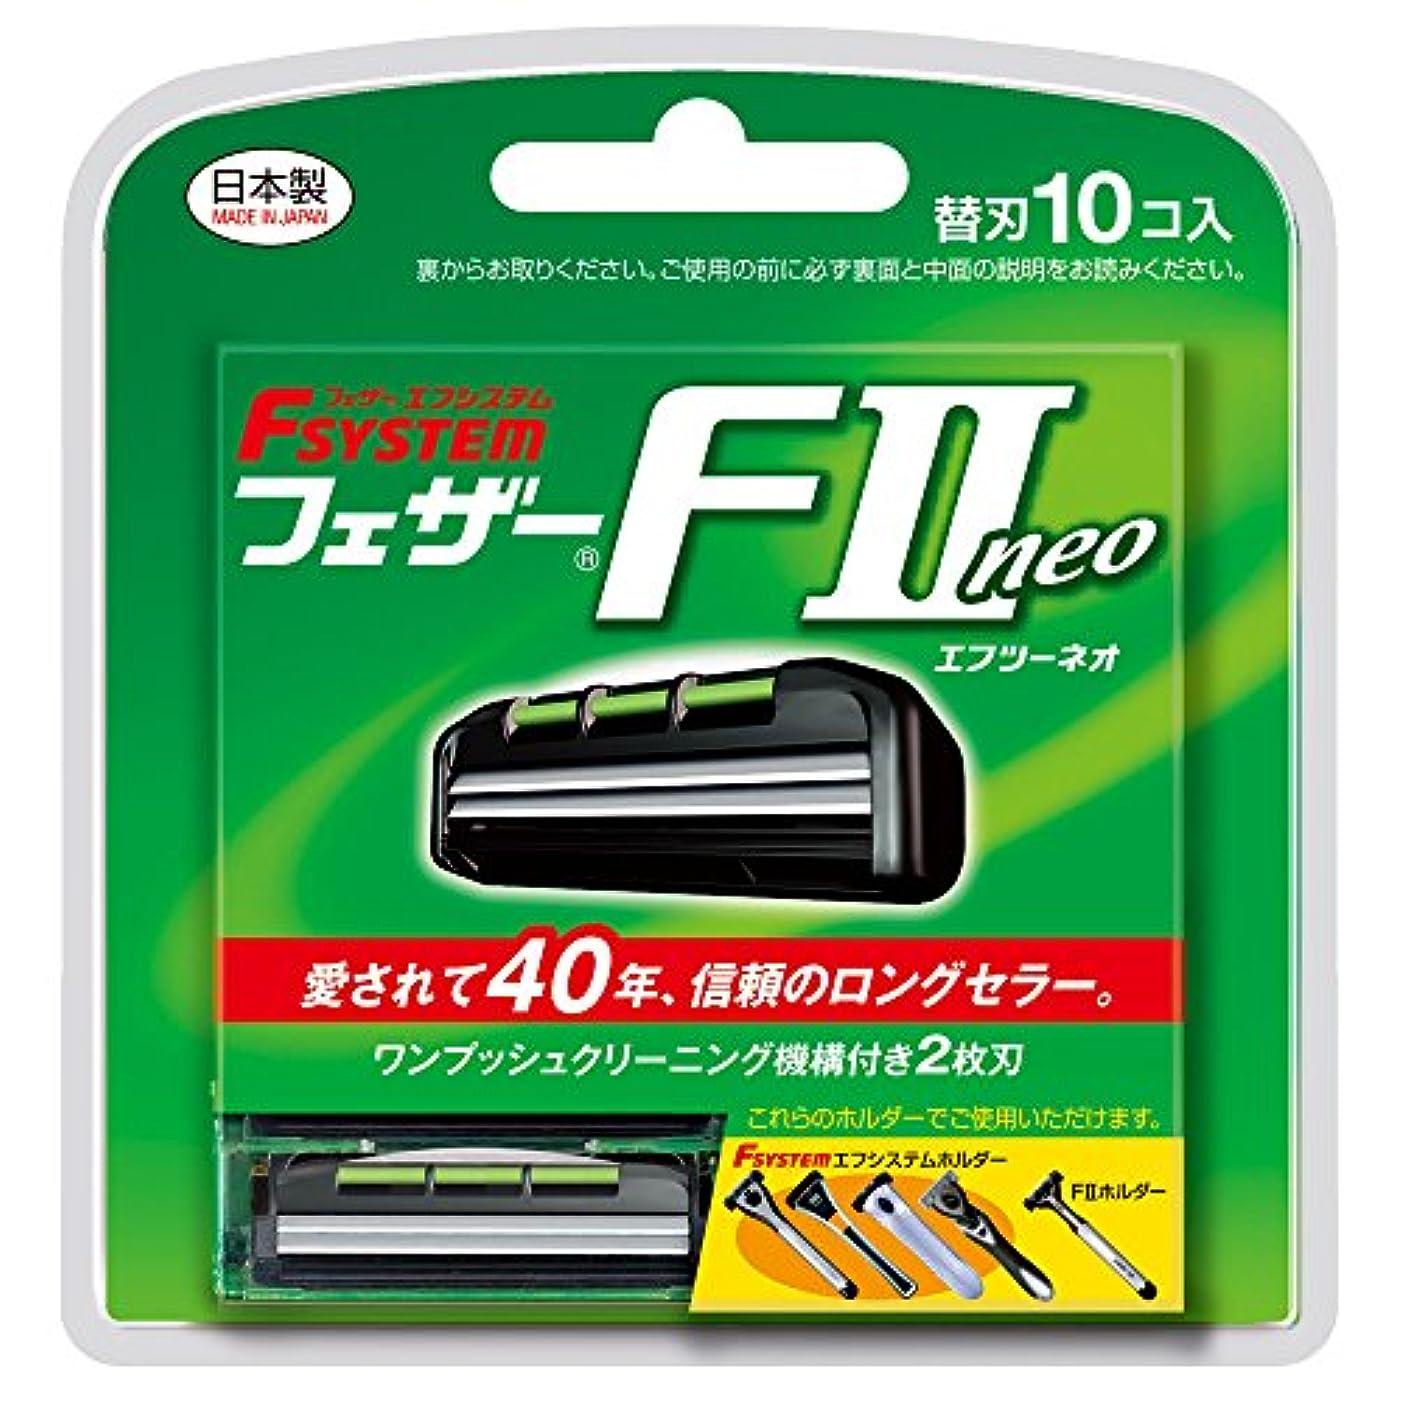 ベース栄光の業界フェザー エフシステム 替刃 FIIネオ 10コ入